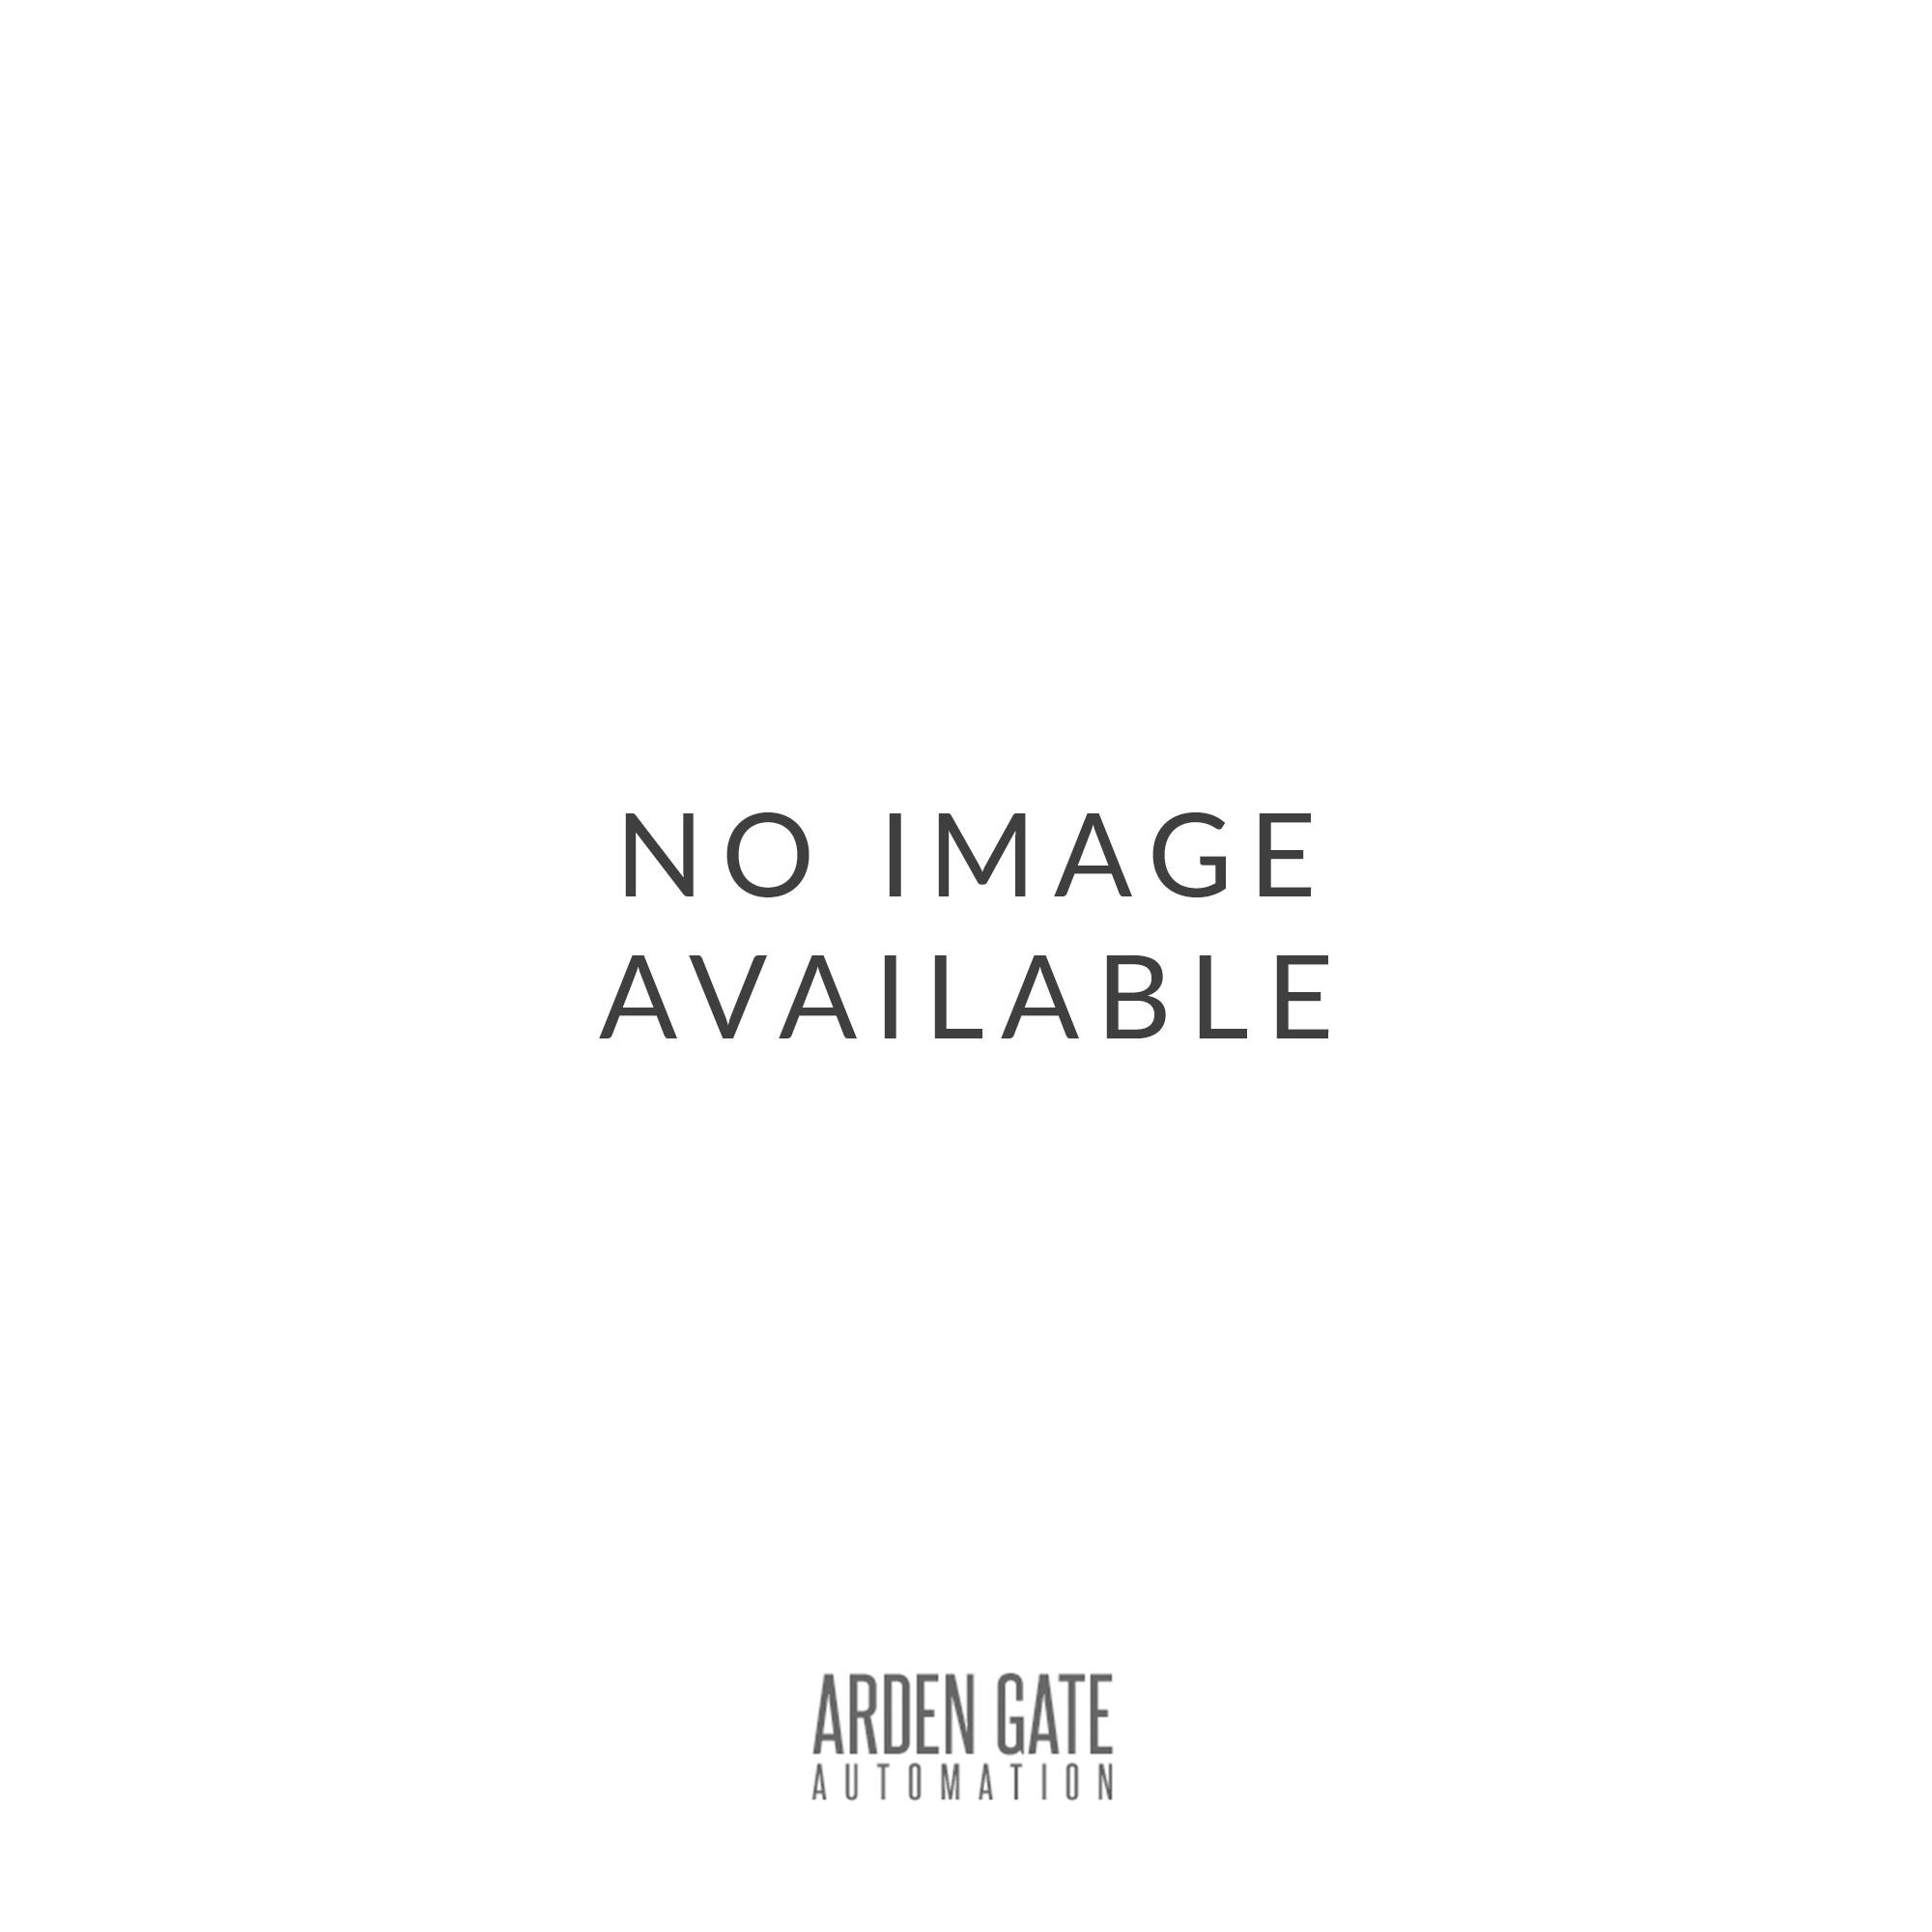 844 T control board